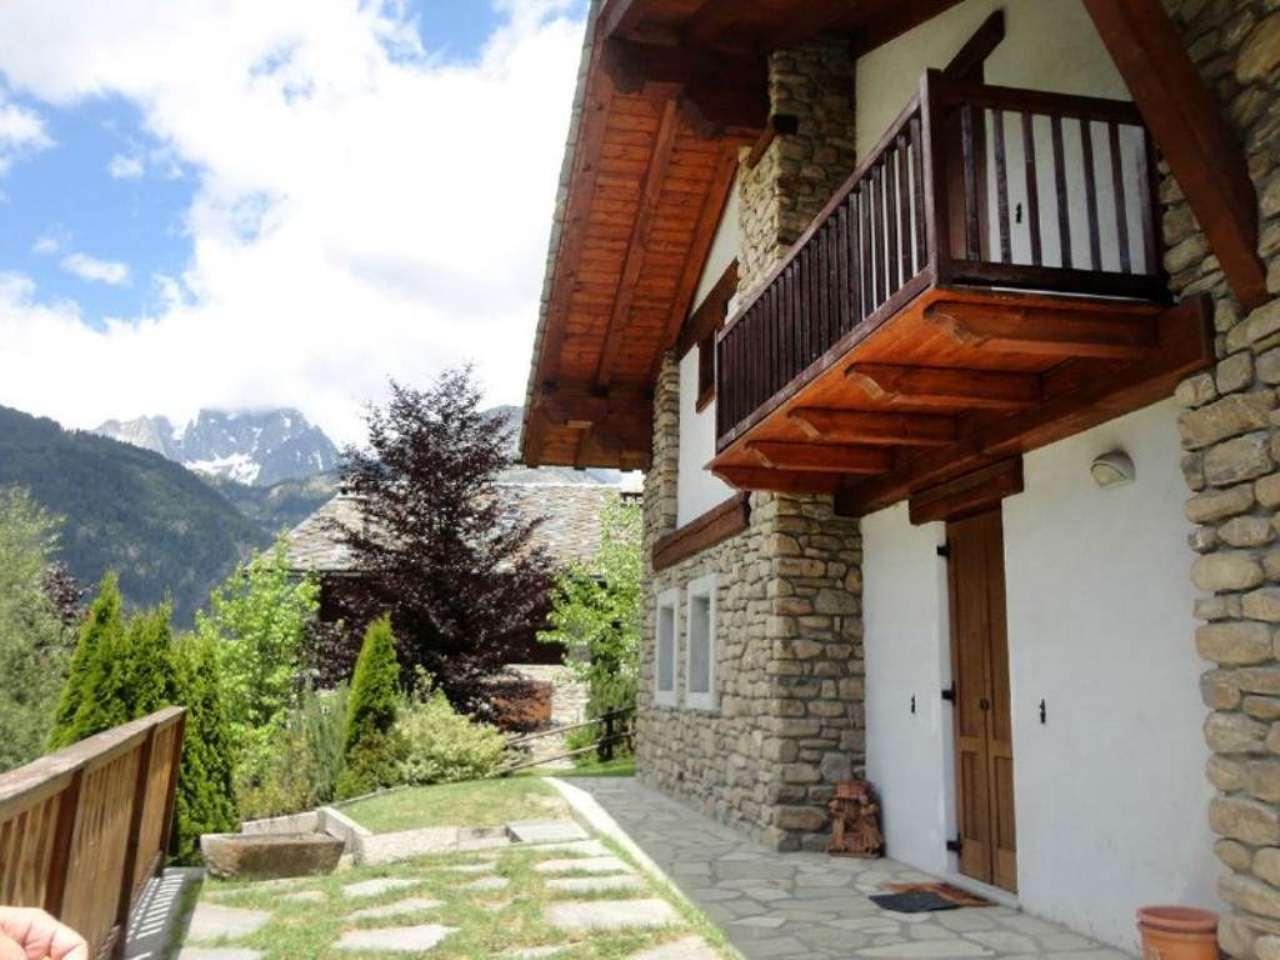 Villa in vendita a Courmayeur, 6 locali, prezzo € 800.000 | Cambio Casa.it